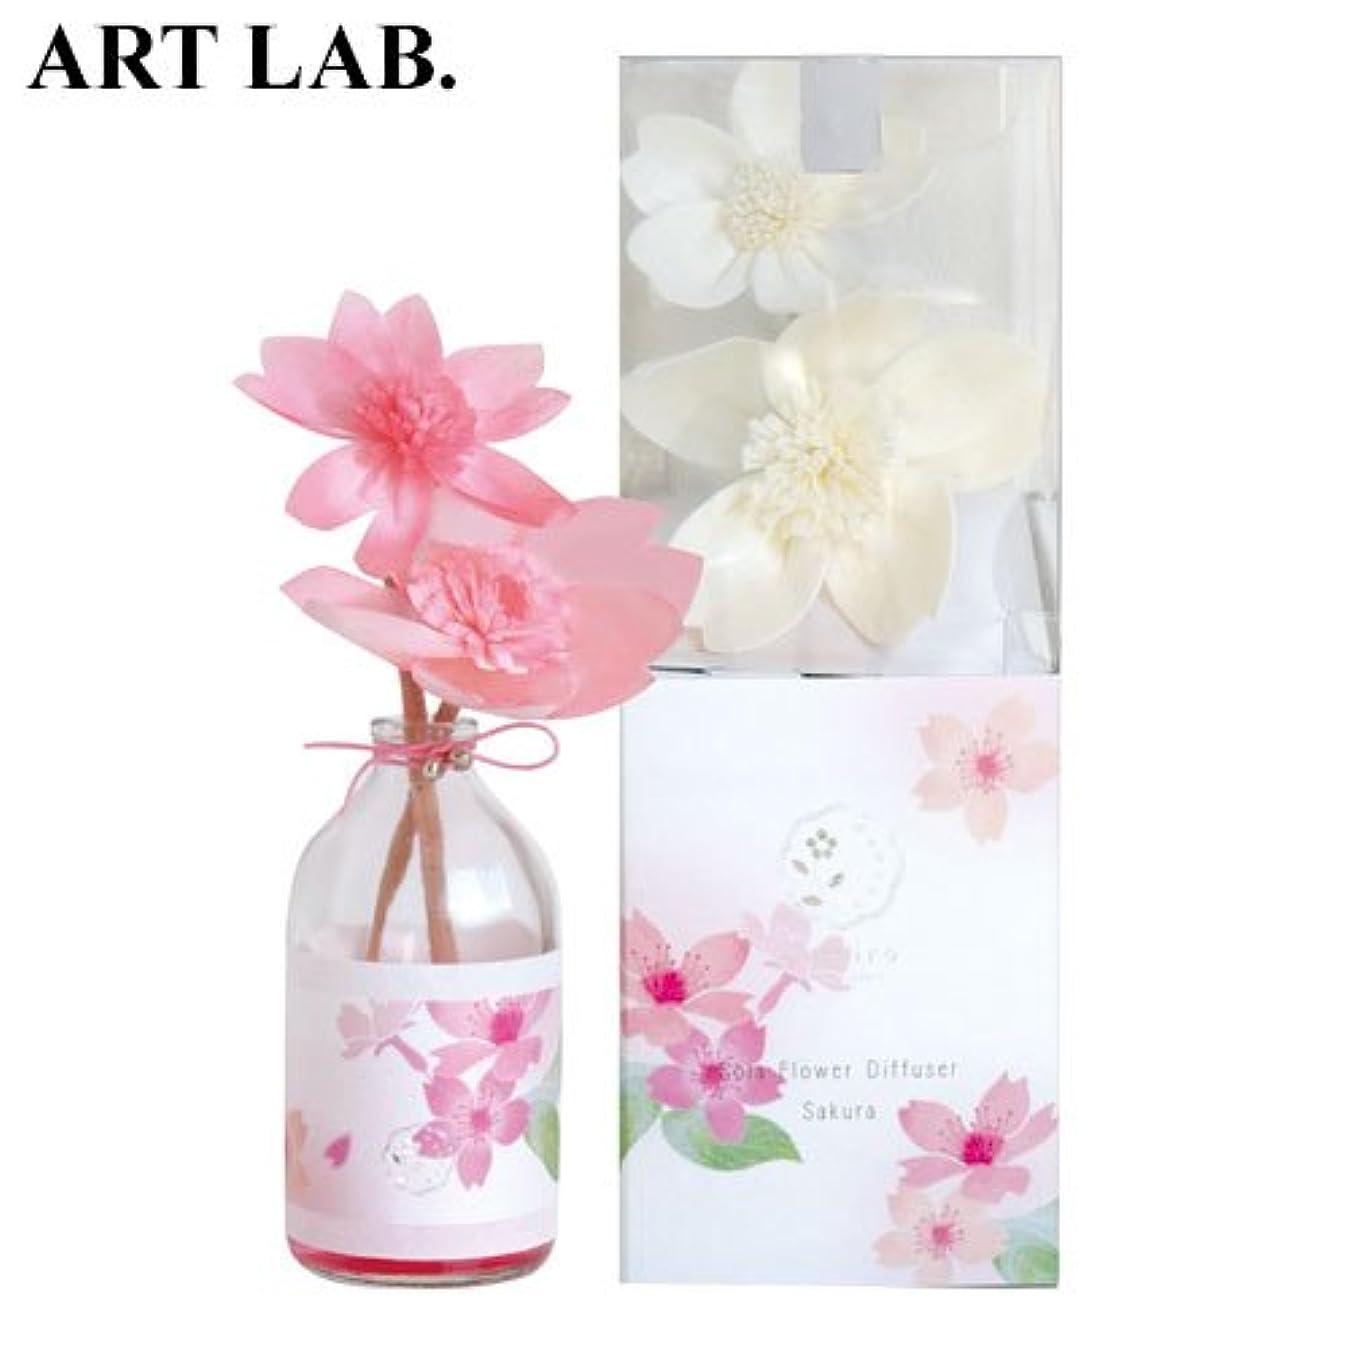 十分なブランドお父さんwanokaソラフラワーディフューザー桜《桜をイメージした甘い香り》ART LABAroma Diffuser